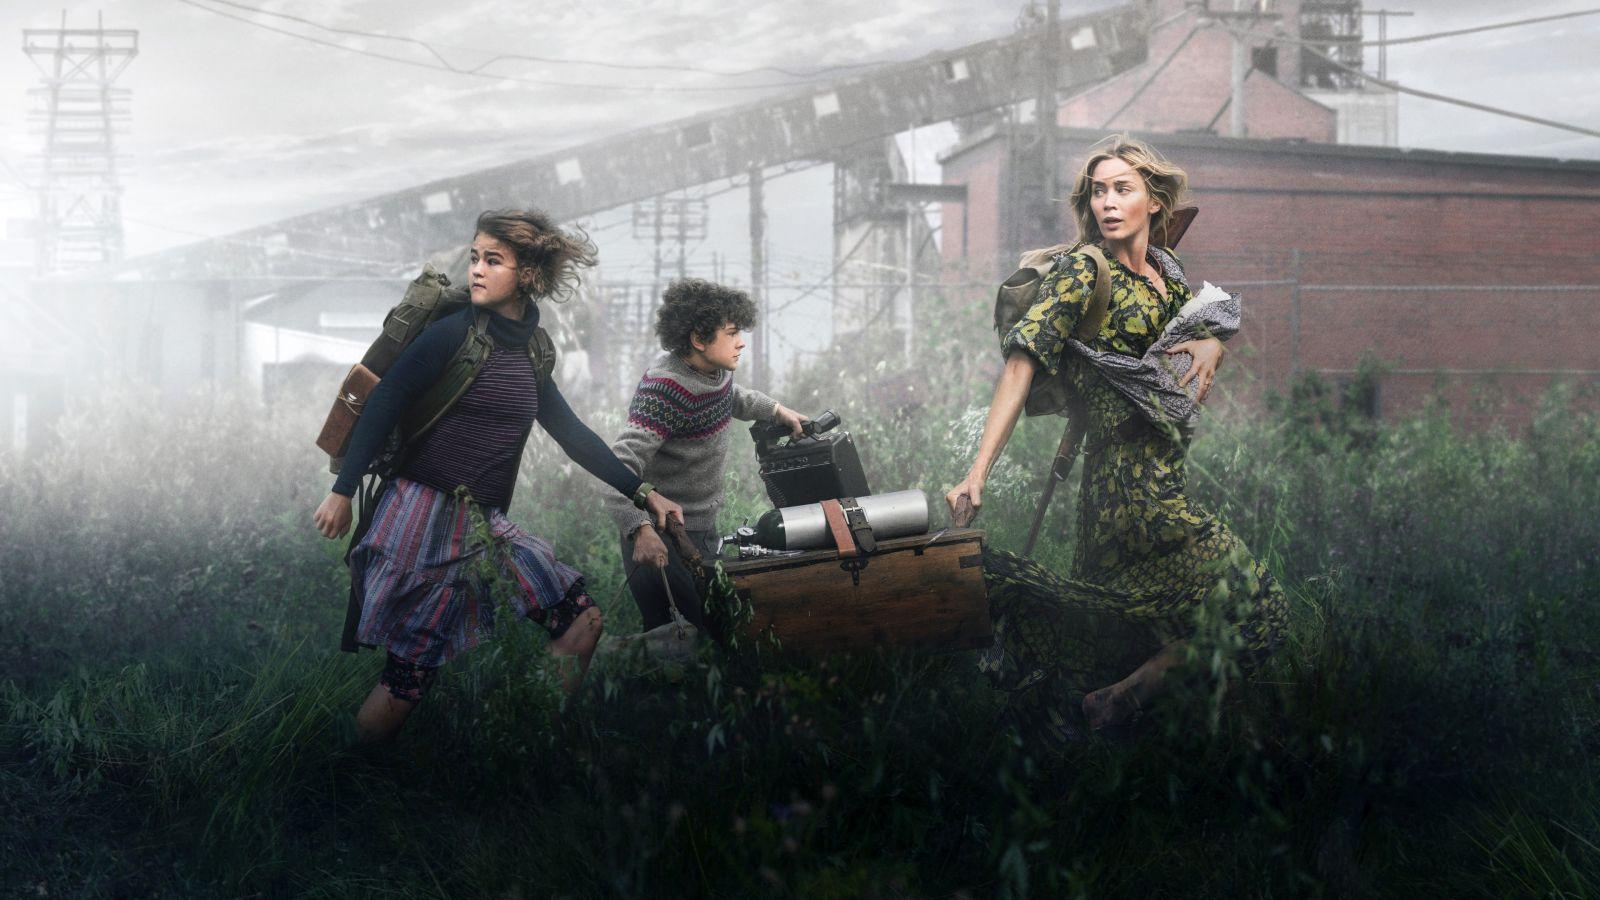 Эмили Блант в роли Эвелин на кадре из фильма «Тихое место 2»